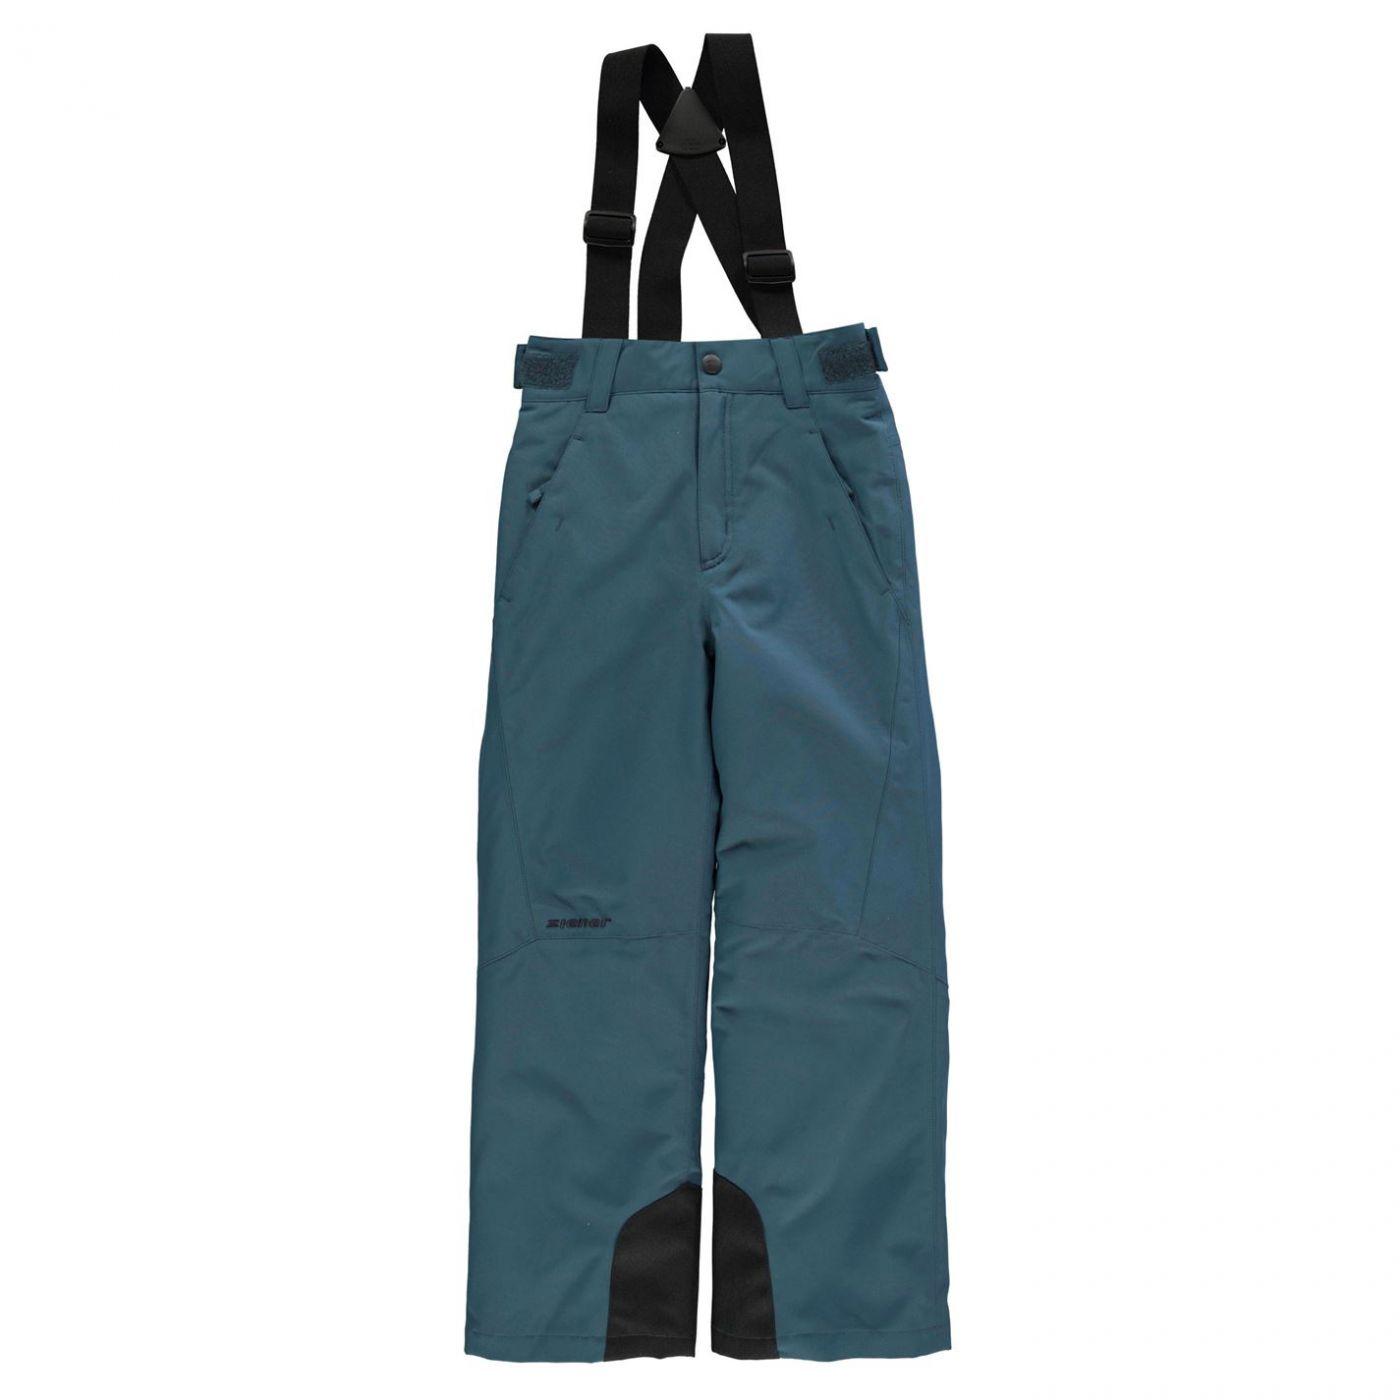 Ziener Altan Ski Pants Girls